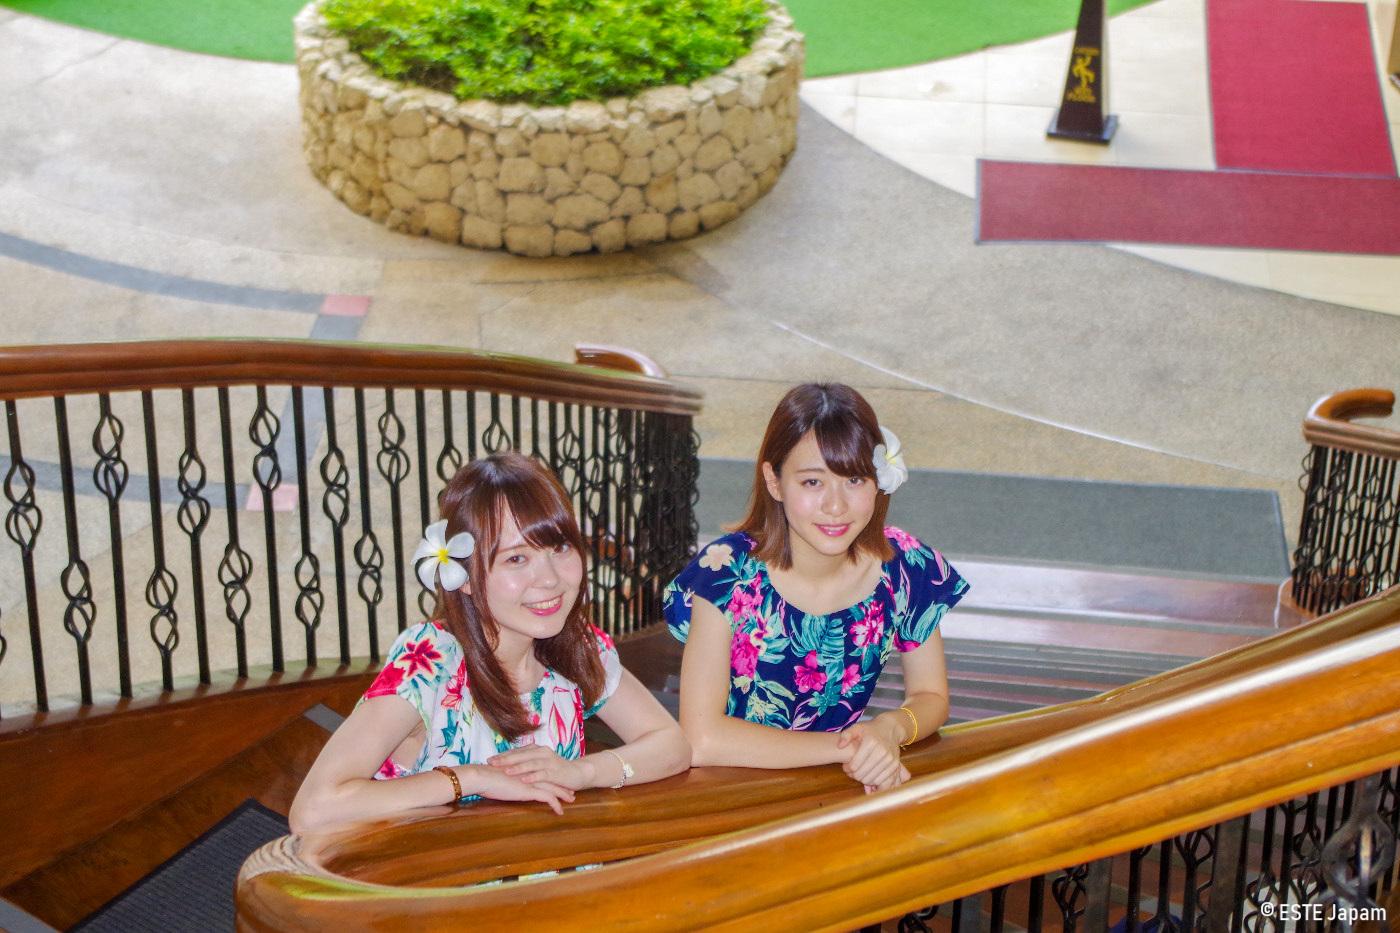 日本人ガイドを利用した女性2名